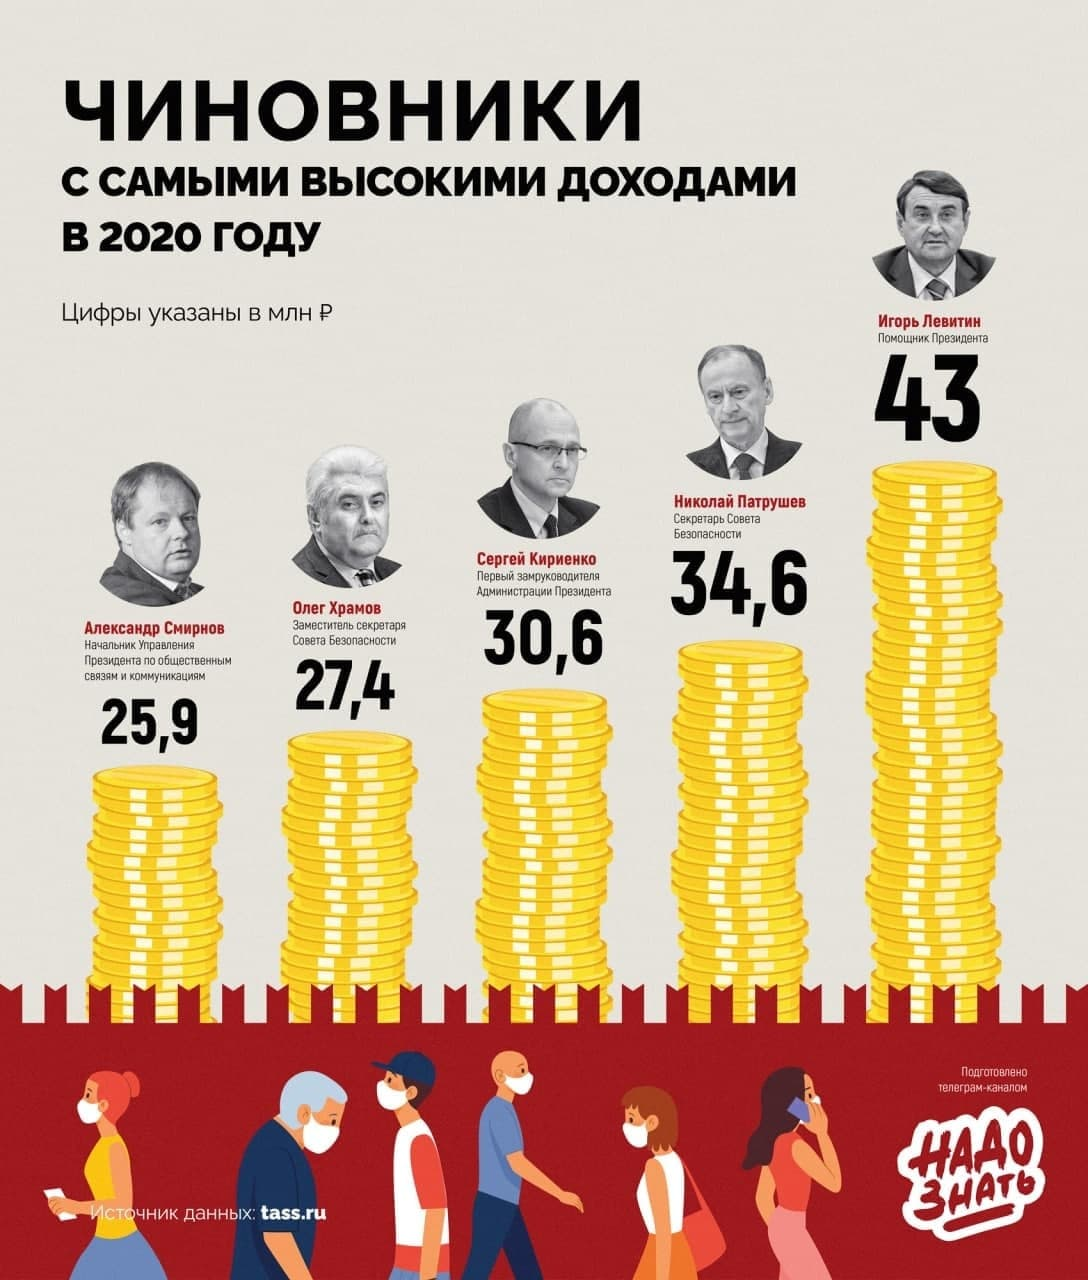 Самые богатые чиновники в России